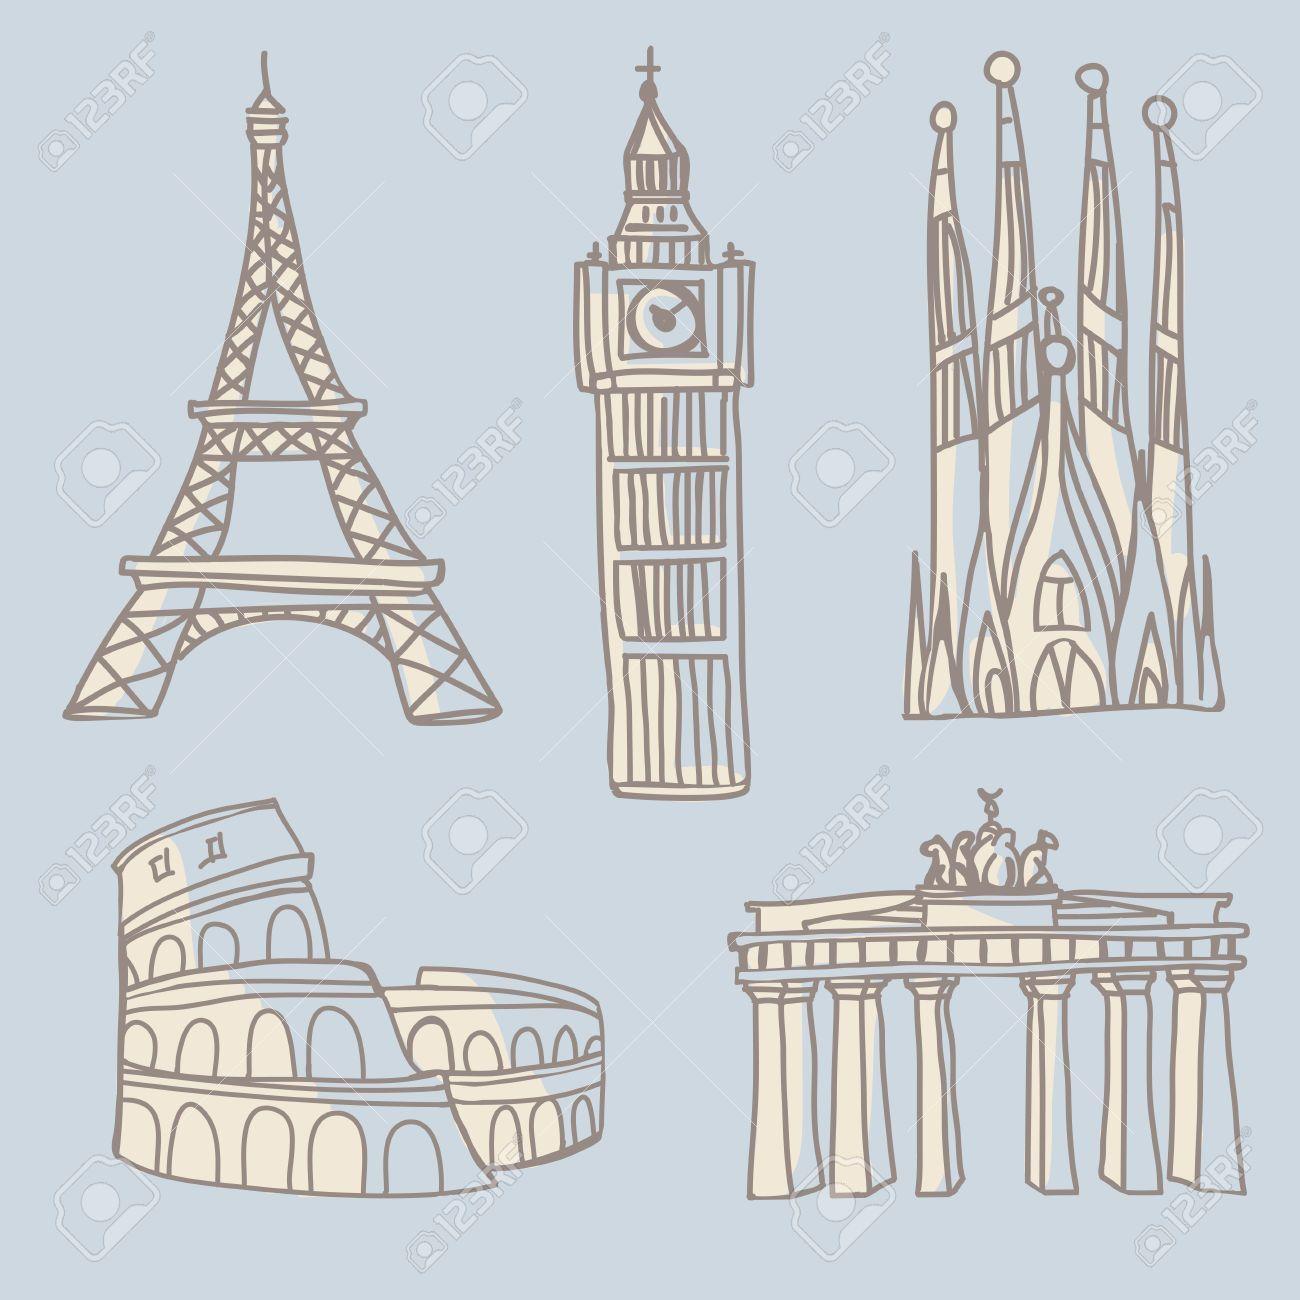 Resultado De Imagen Para Brandenburger Tor Bild Zum Zeichnen Free Vector Art Architecture Landmark Doodle Drawings